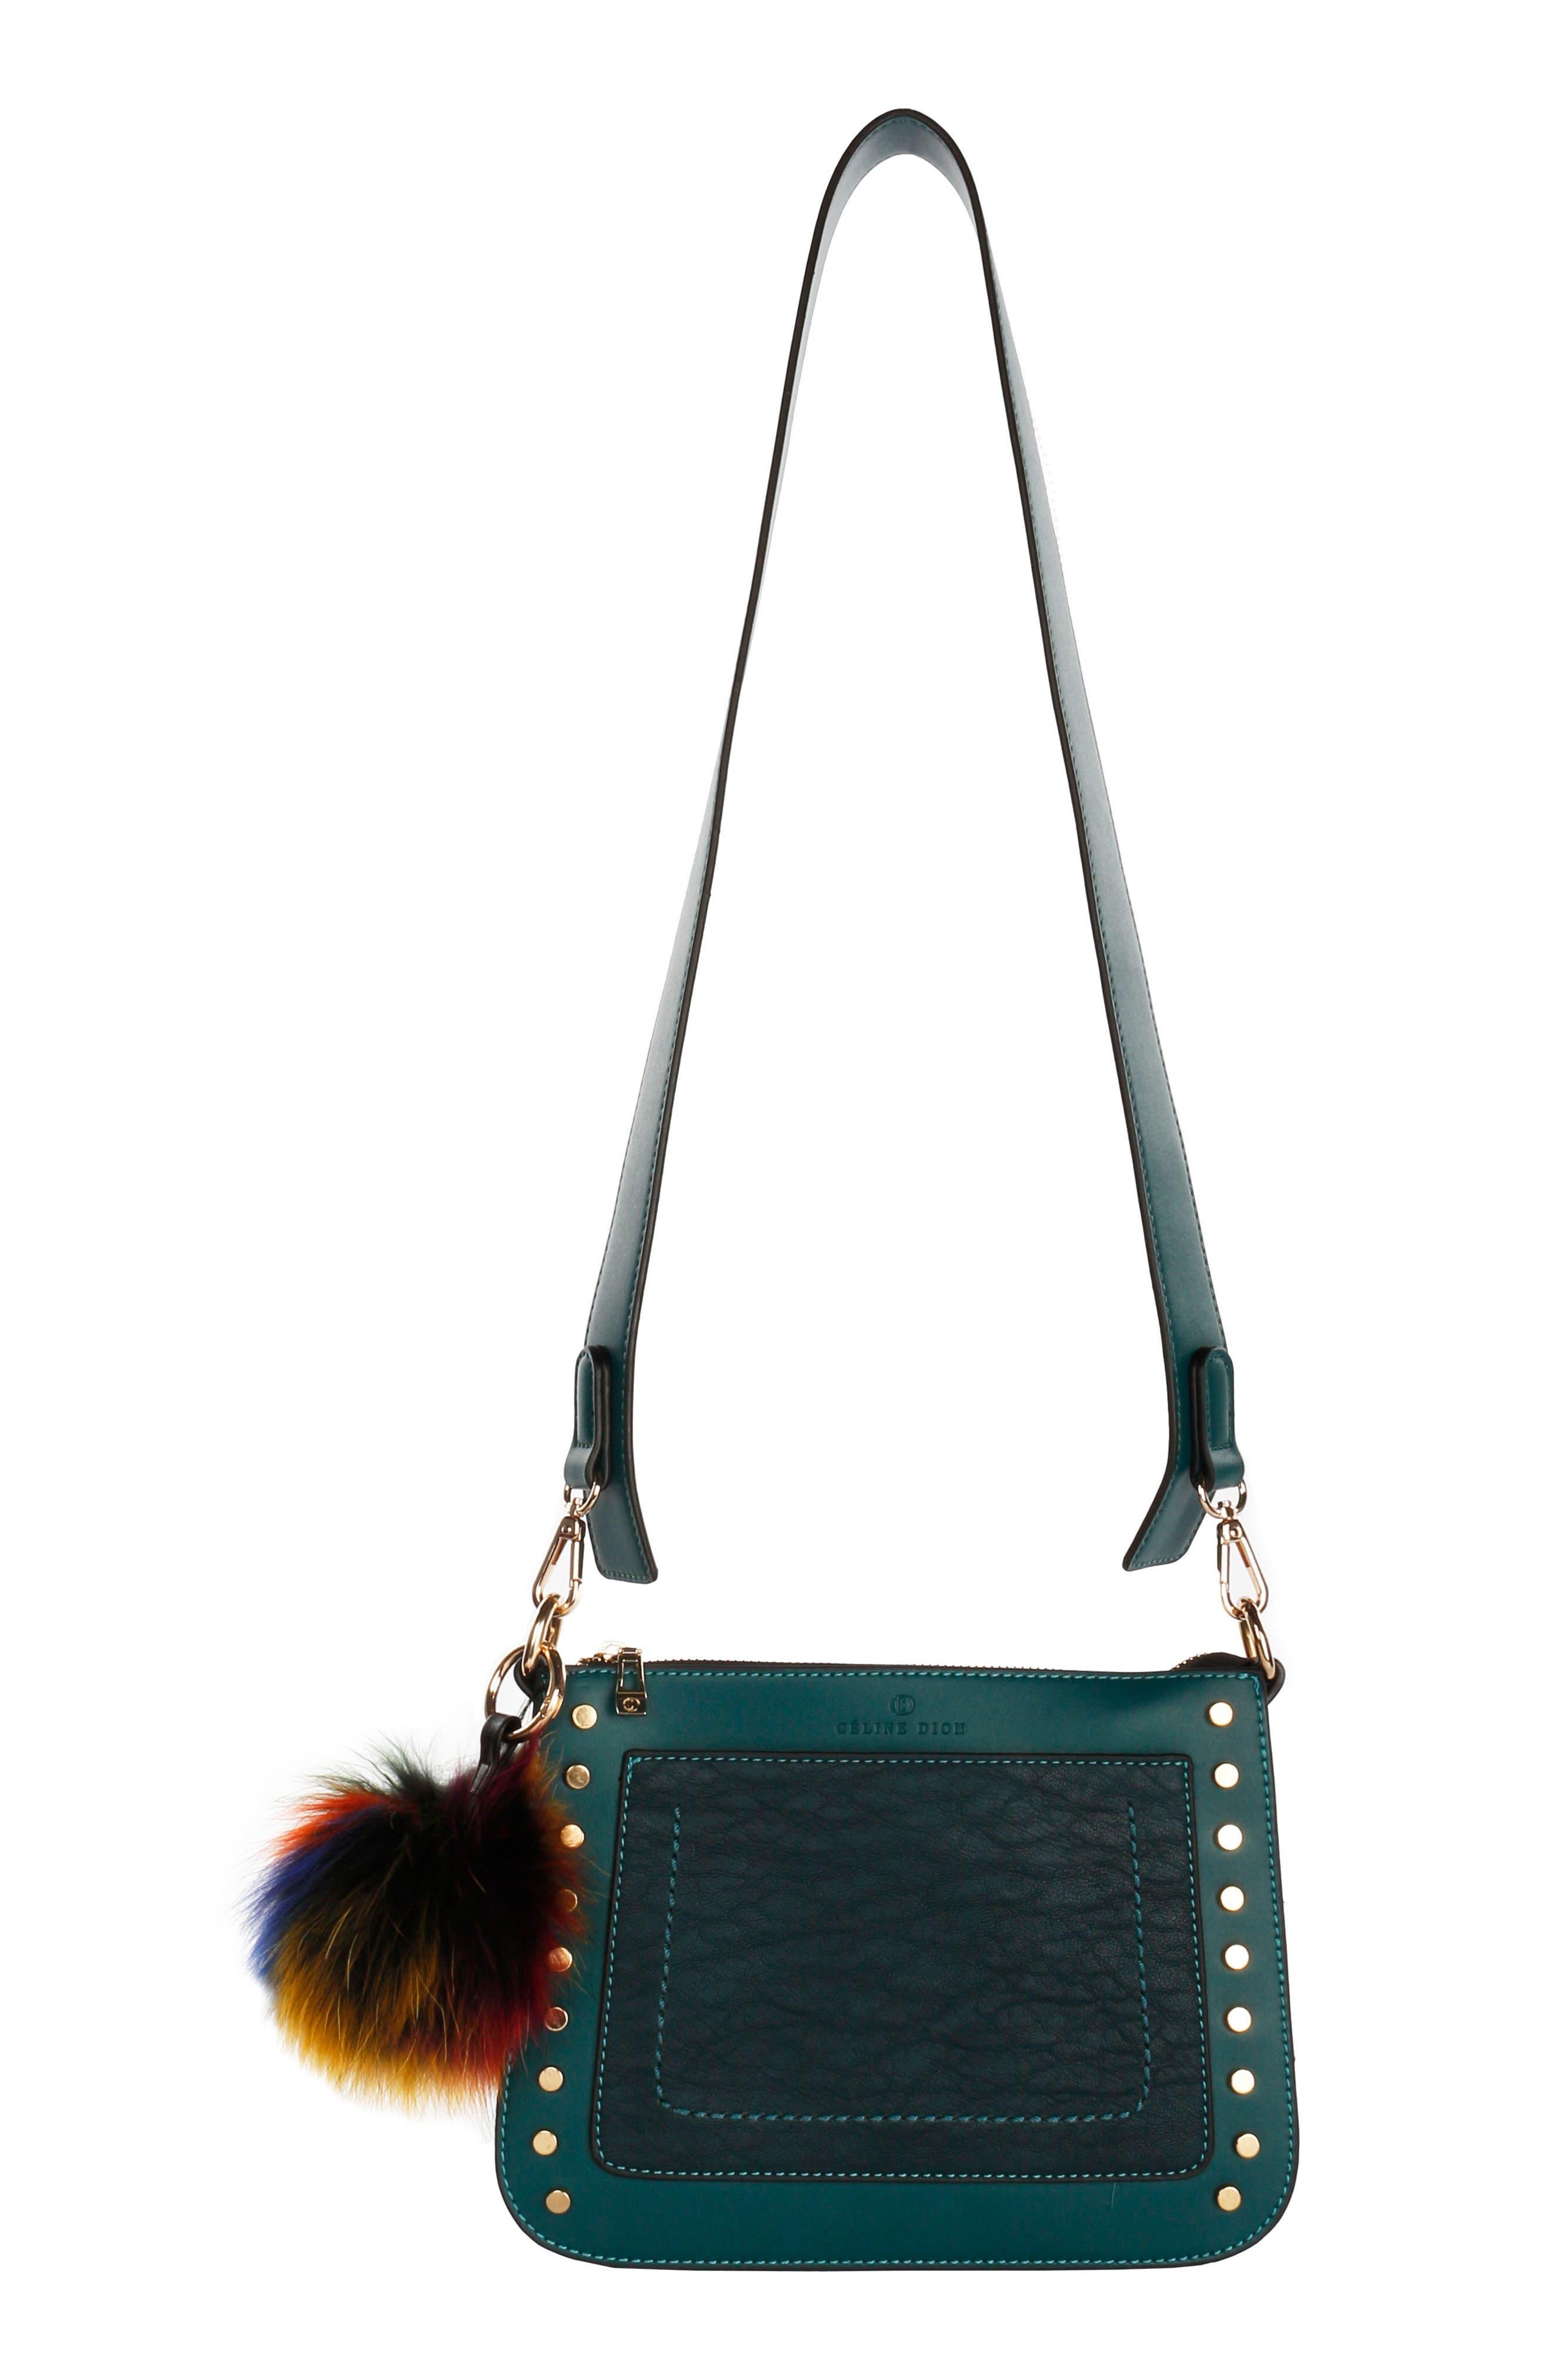 CELINE DION Céline Dion Pizzicato Faux Leather Crossbody Bag